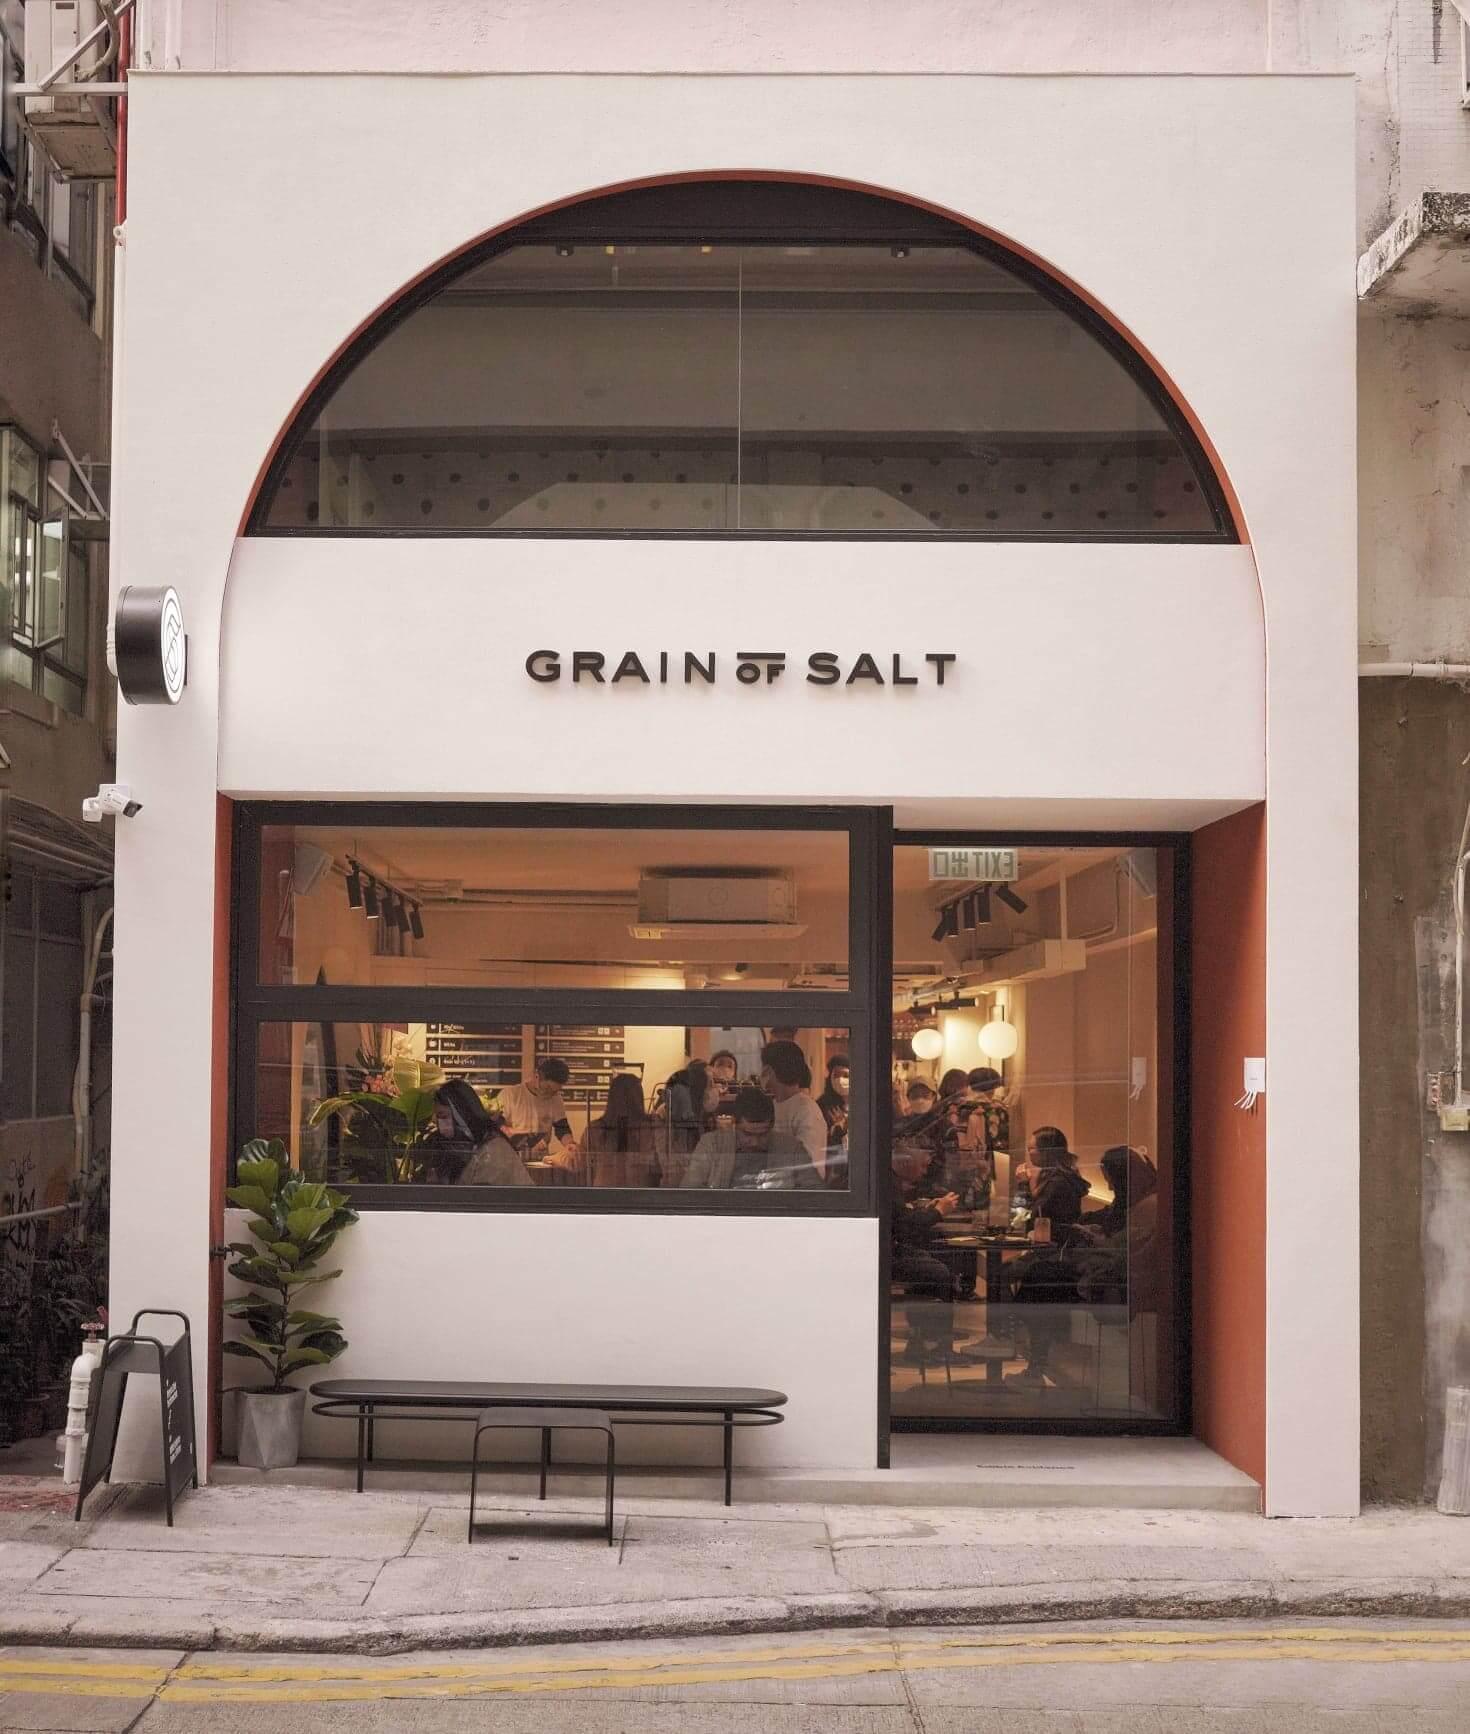 今年1月18日開幕嘅Grain of Salt,橘白色圓拱門外觀令人難忘!